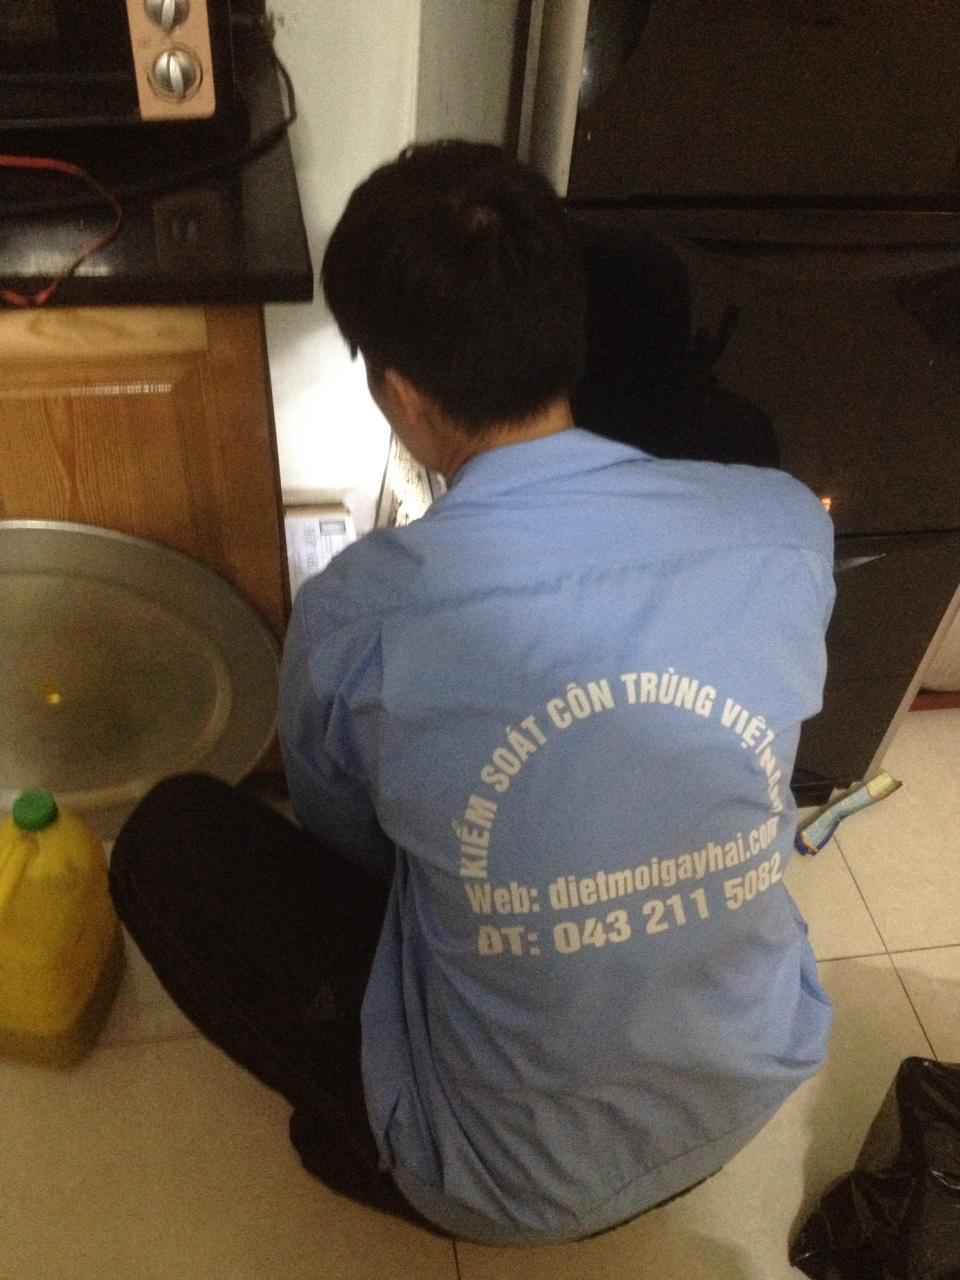 Dịch vụ diệt mối hiệu quả, tiết kiệm tại Long Biên